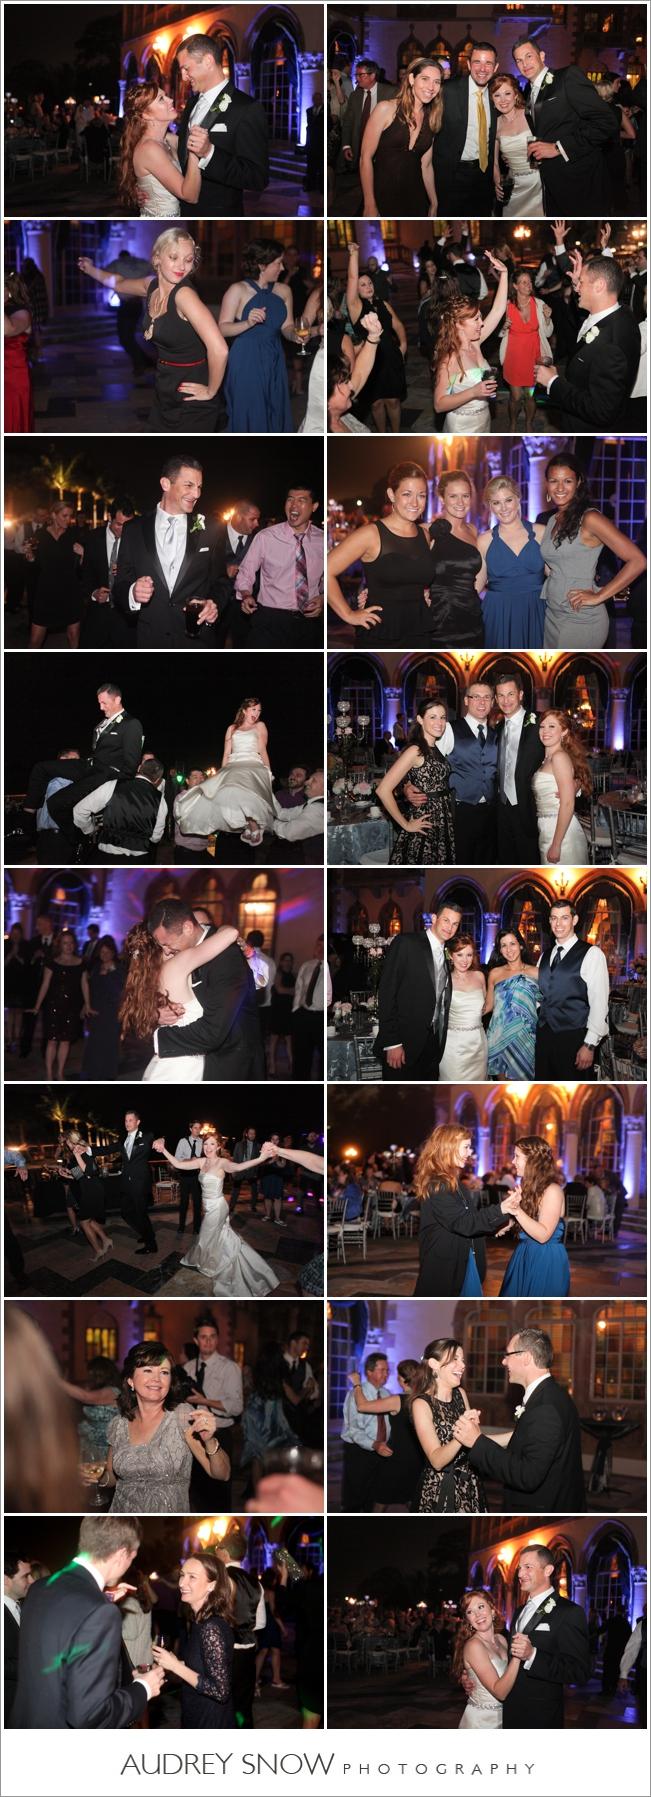 audreysnow-ca-d'zan-sarasota-wedding-photography_0998.jpg